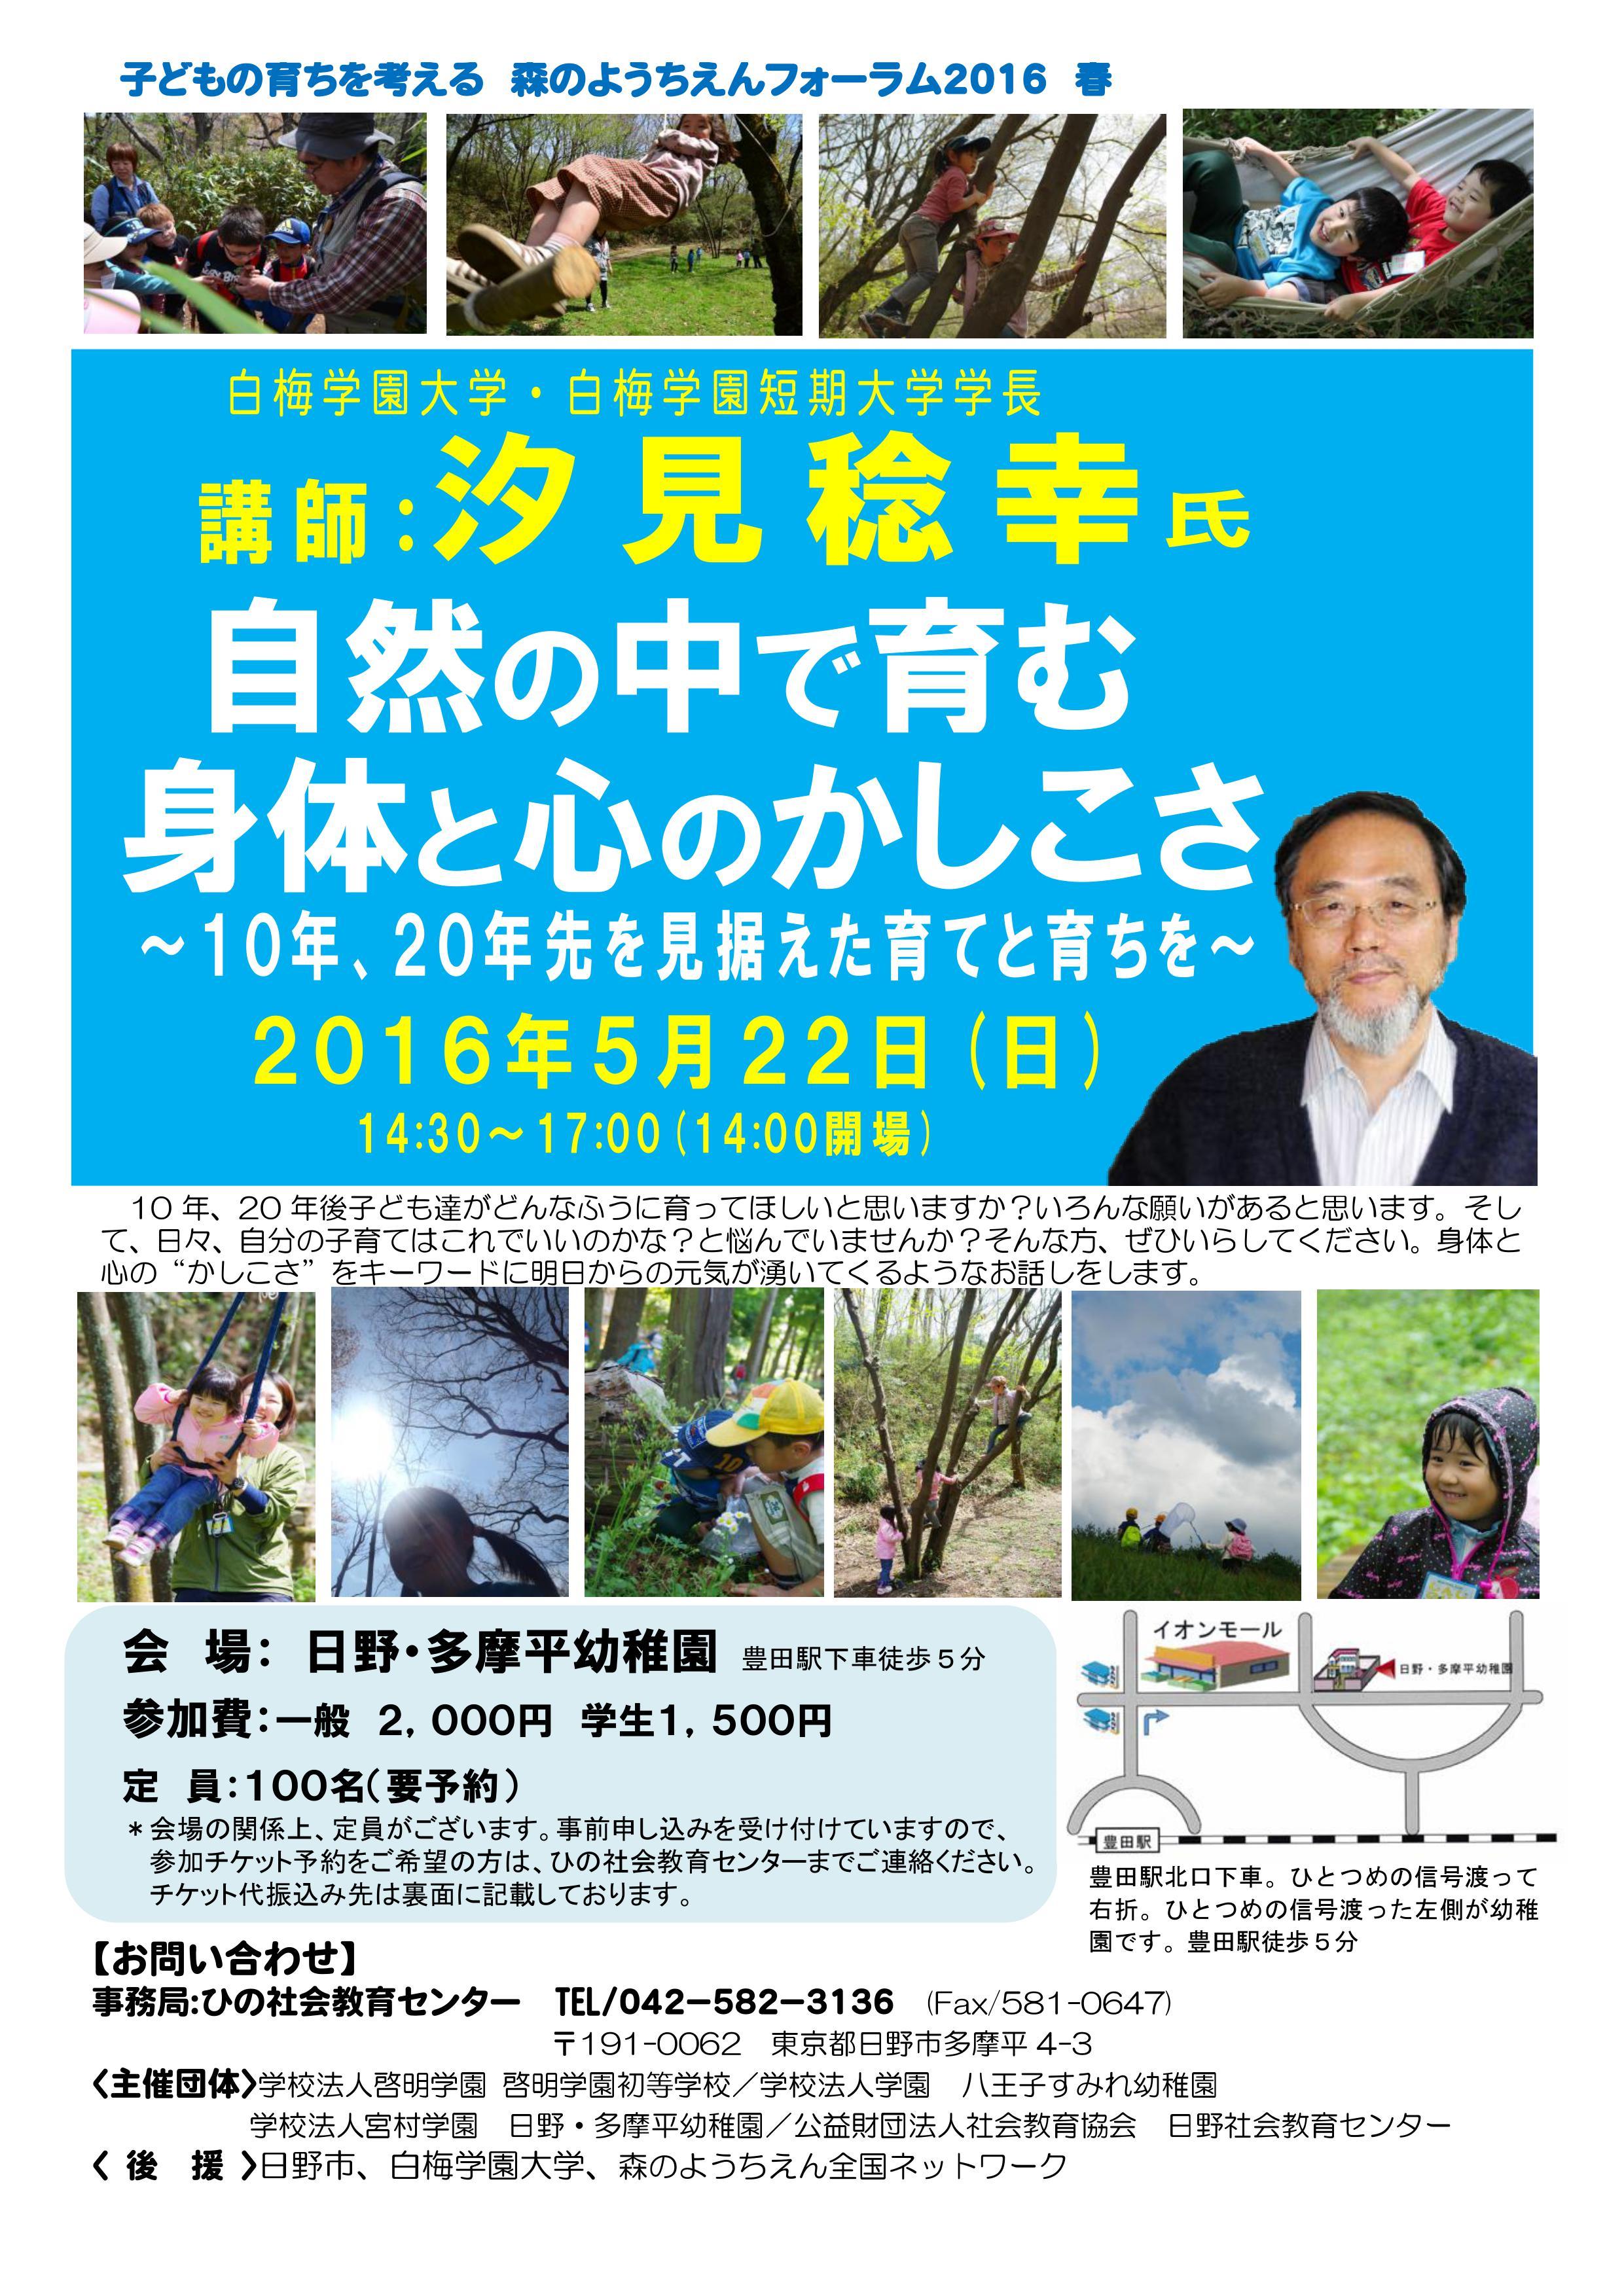 汐見稔幸先生をお迎えして 子どもの育ちを考える・森のようちえんフォーラム2016春